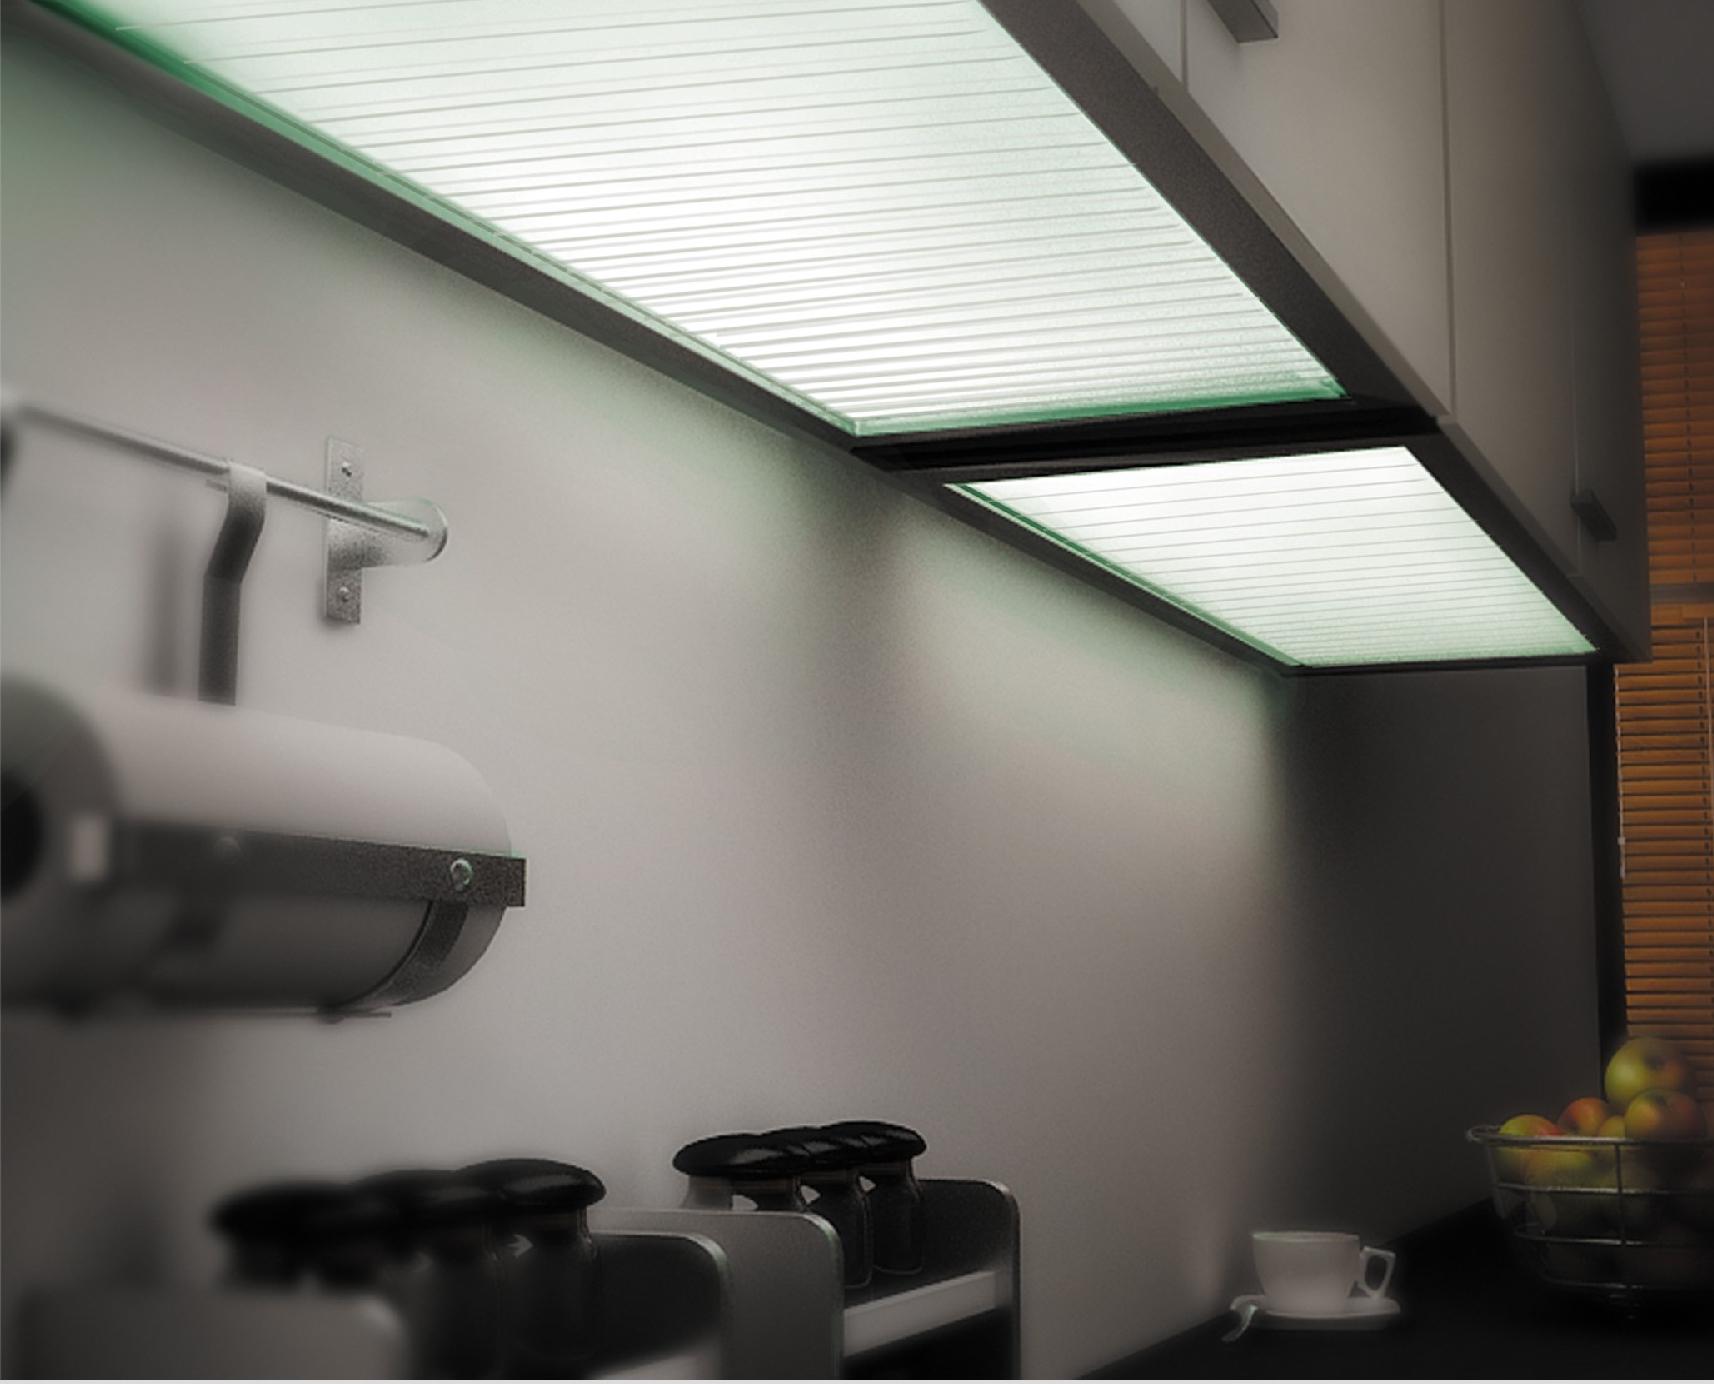 Illuminated Shelving Led Aluminum Glass Cabinet Doors Intended For Illuminated Glass Shelf (#7 of 12)